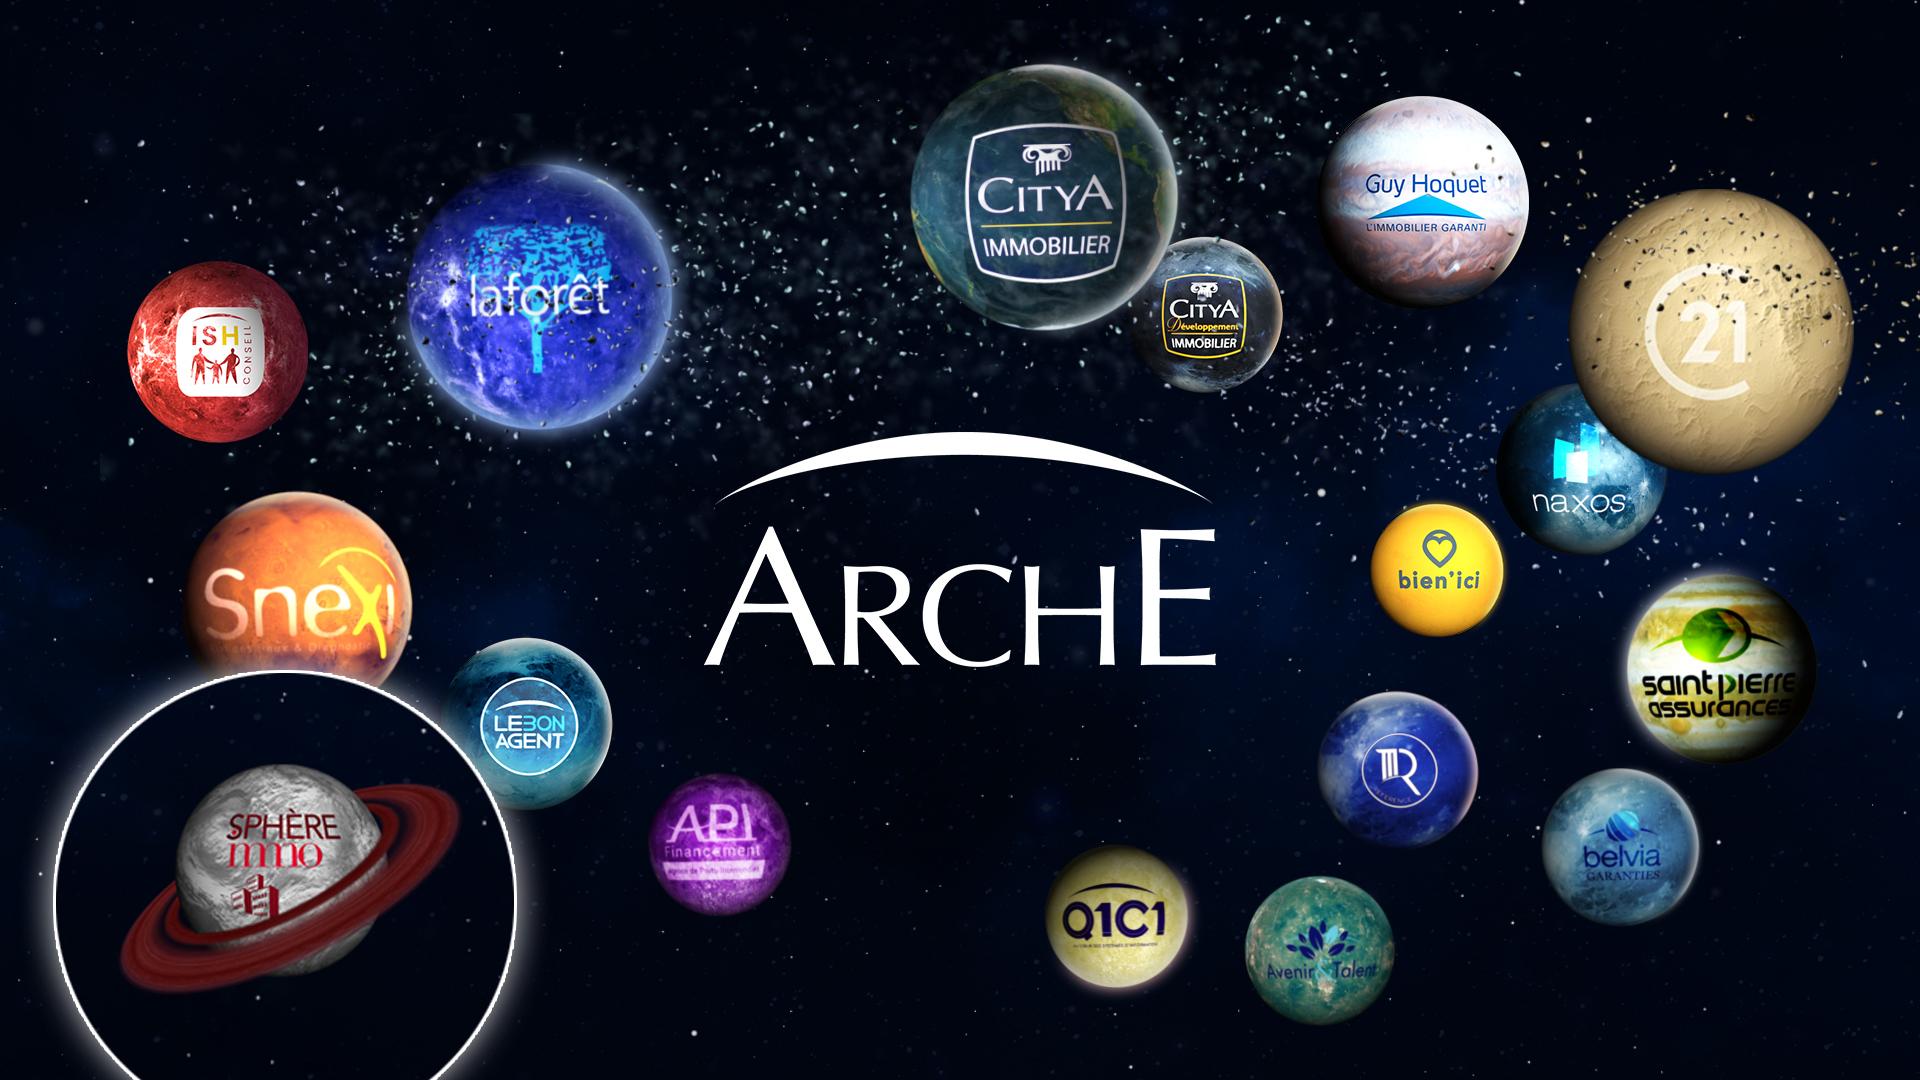 Arche s'agrandit et accueille Sphère Immo dans sa galaxie